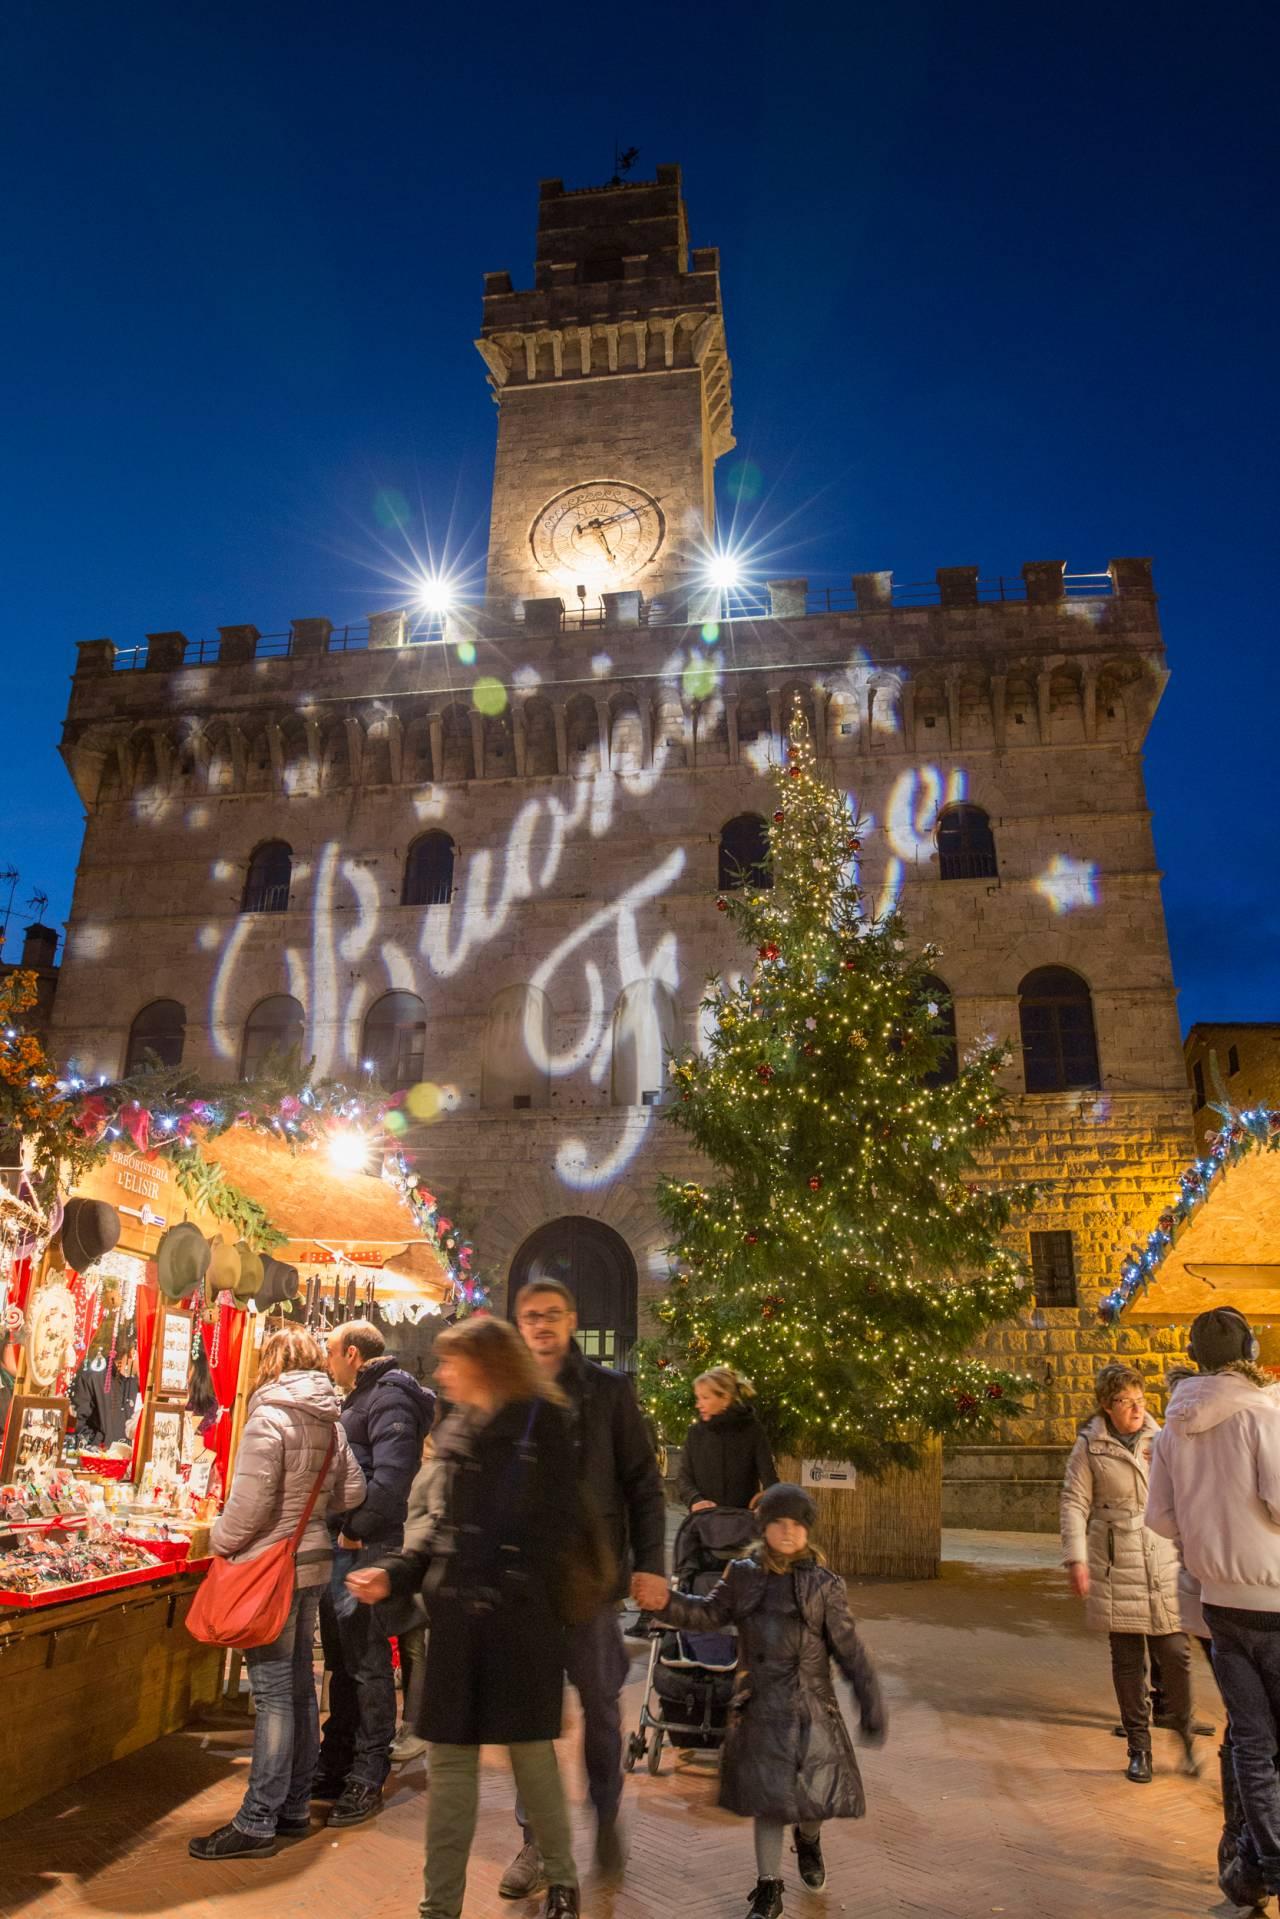 Capodanno 2019  al  Castello di Valenzano e Mercatini Natalizi di Montepulciano